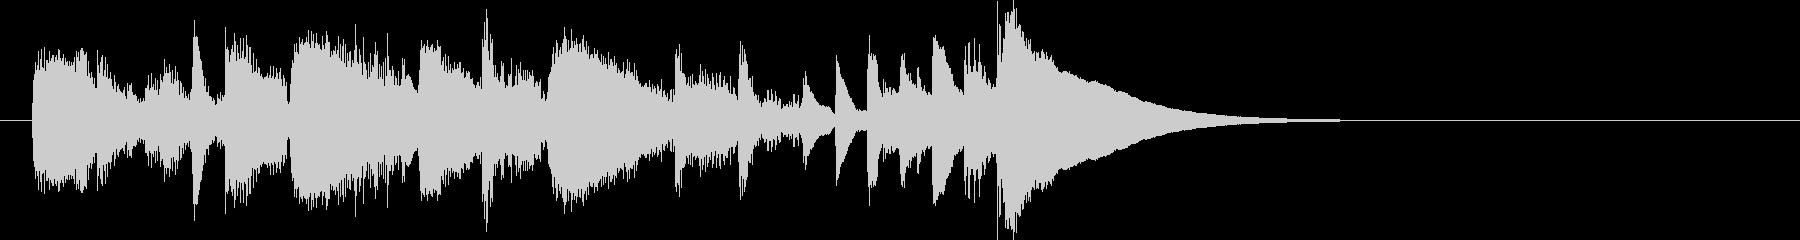 メロディアスなピアノの未再生の波形